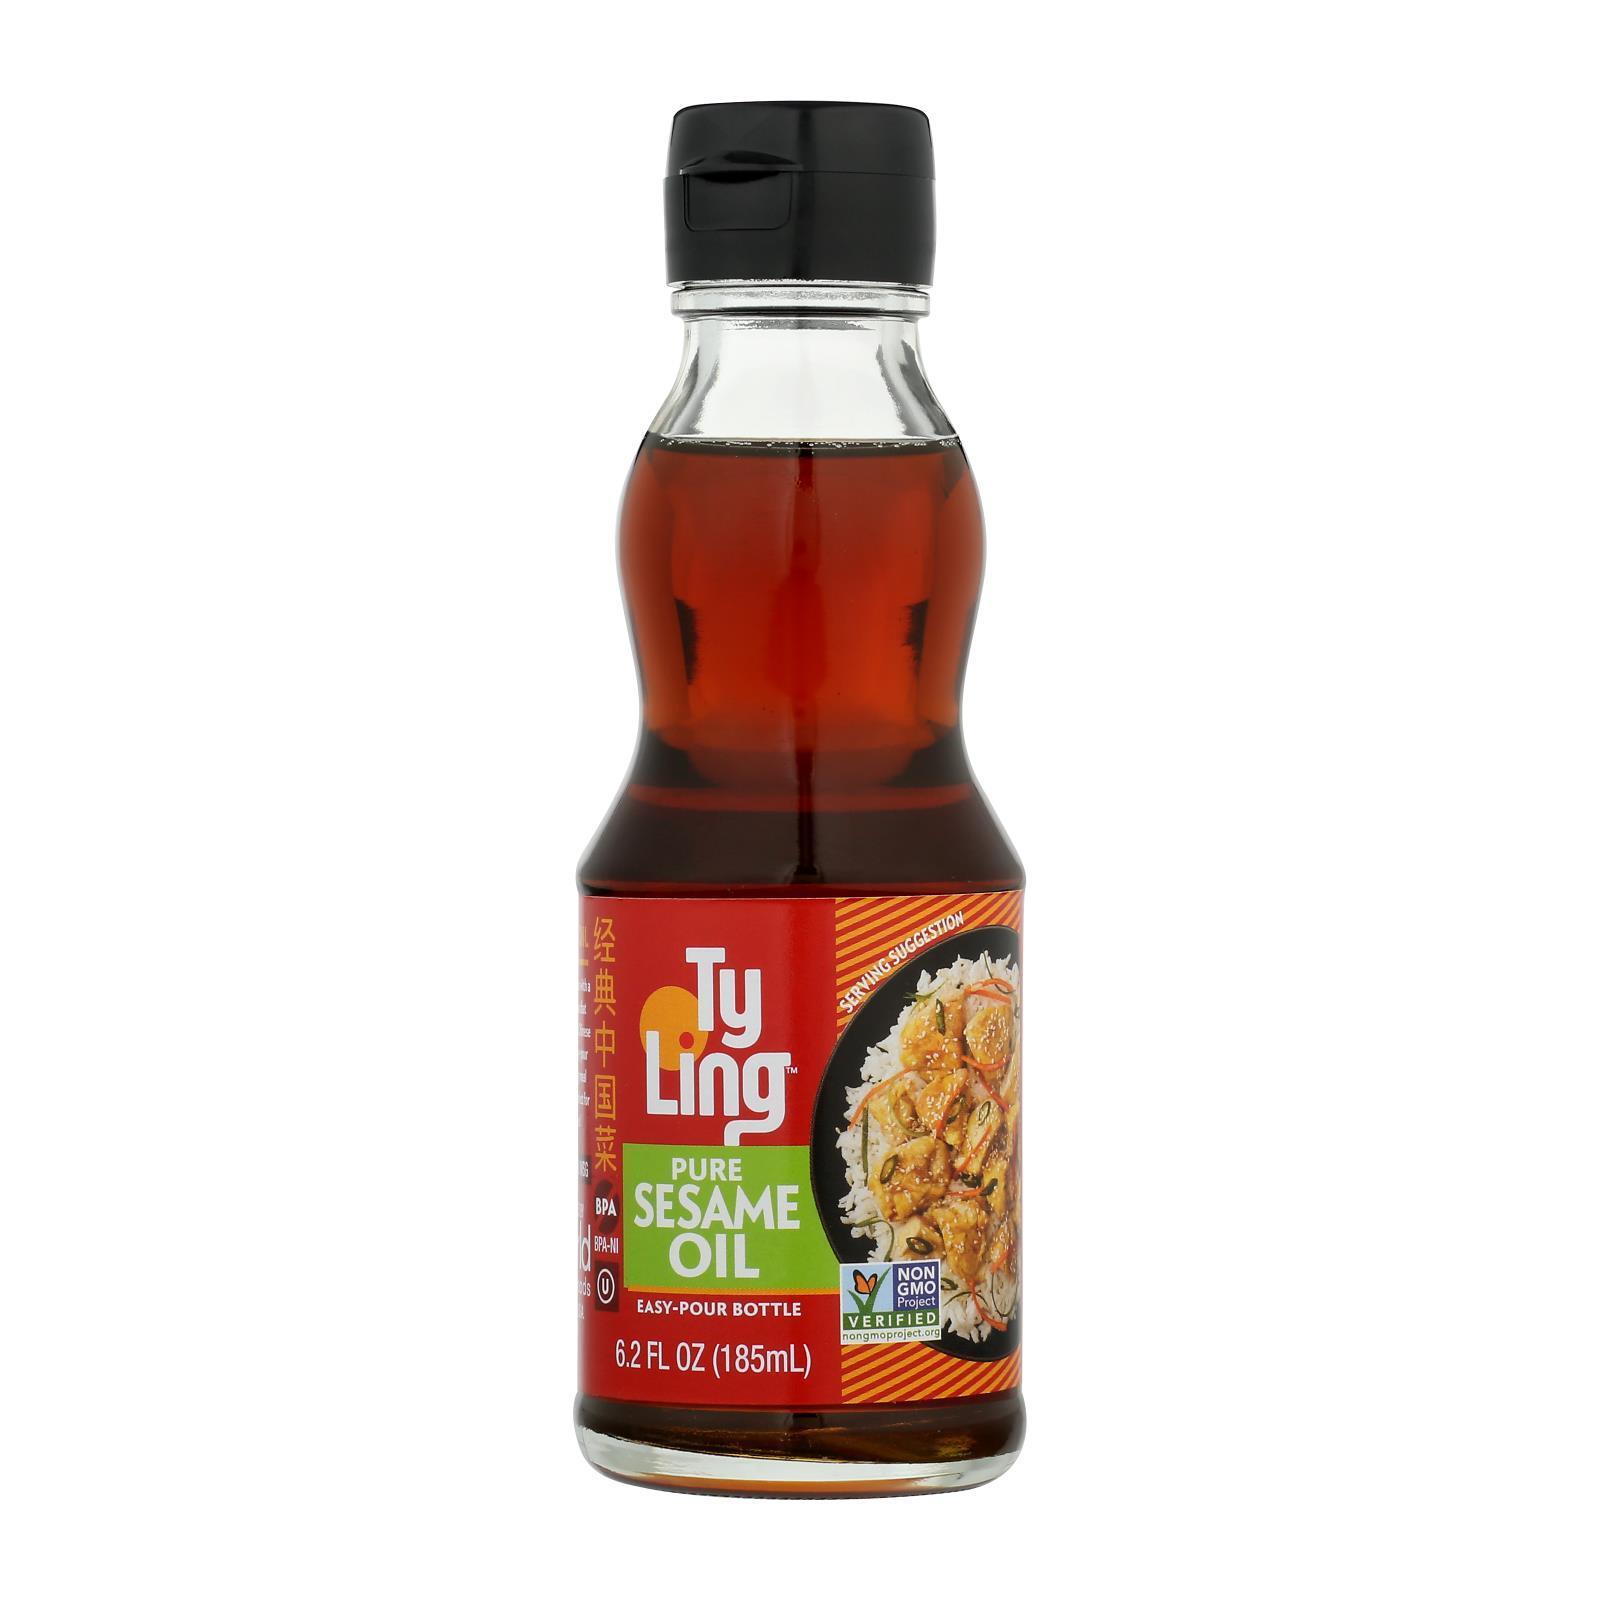 Ty Ling Oil - Sesame - Case of 12 - 6.2 fl oz